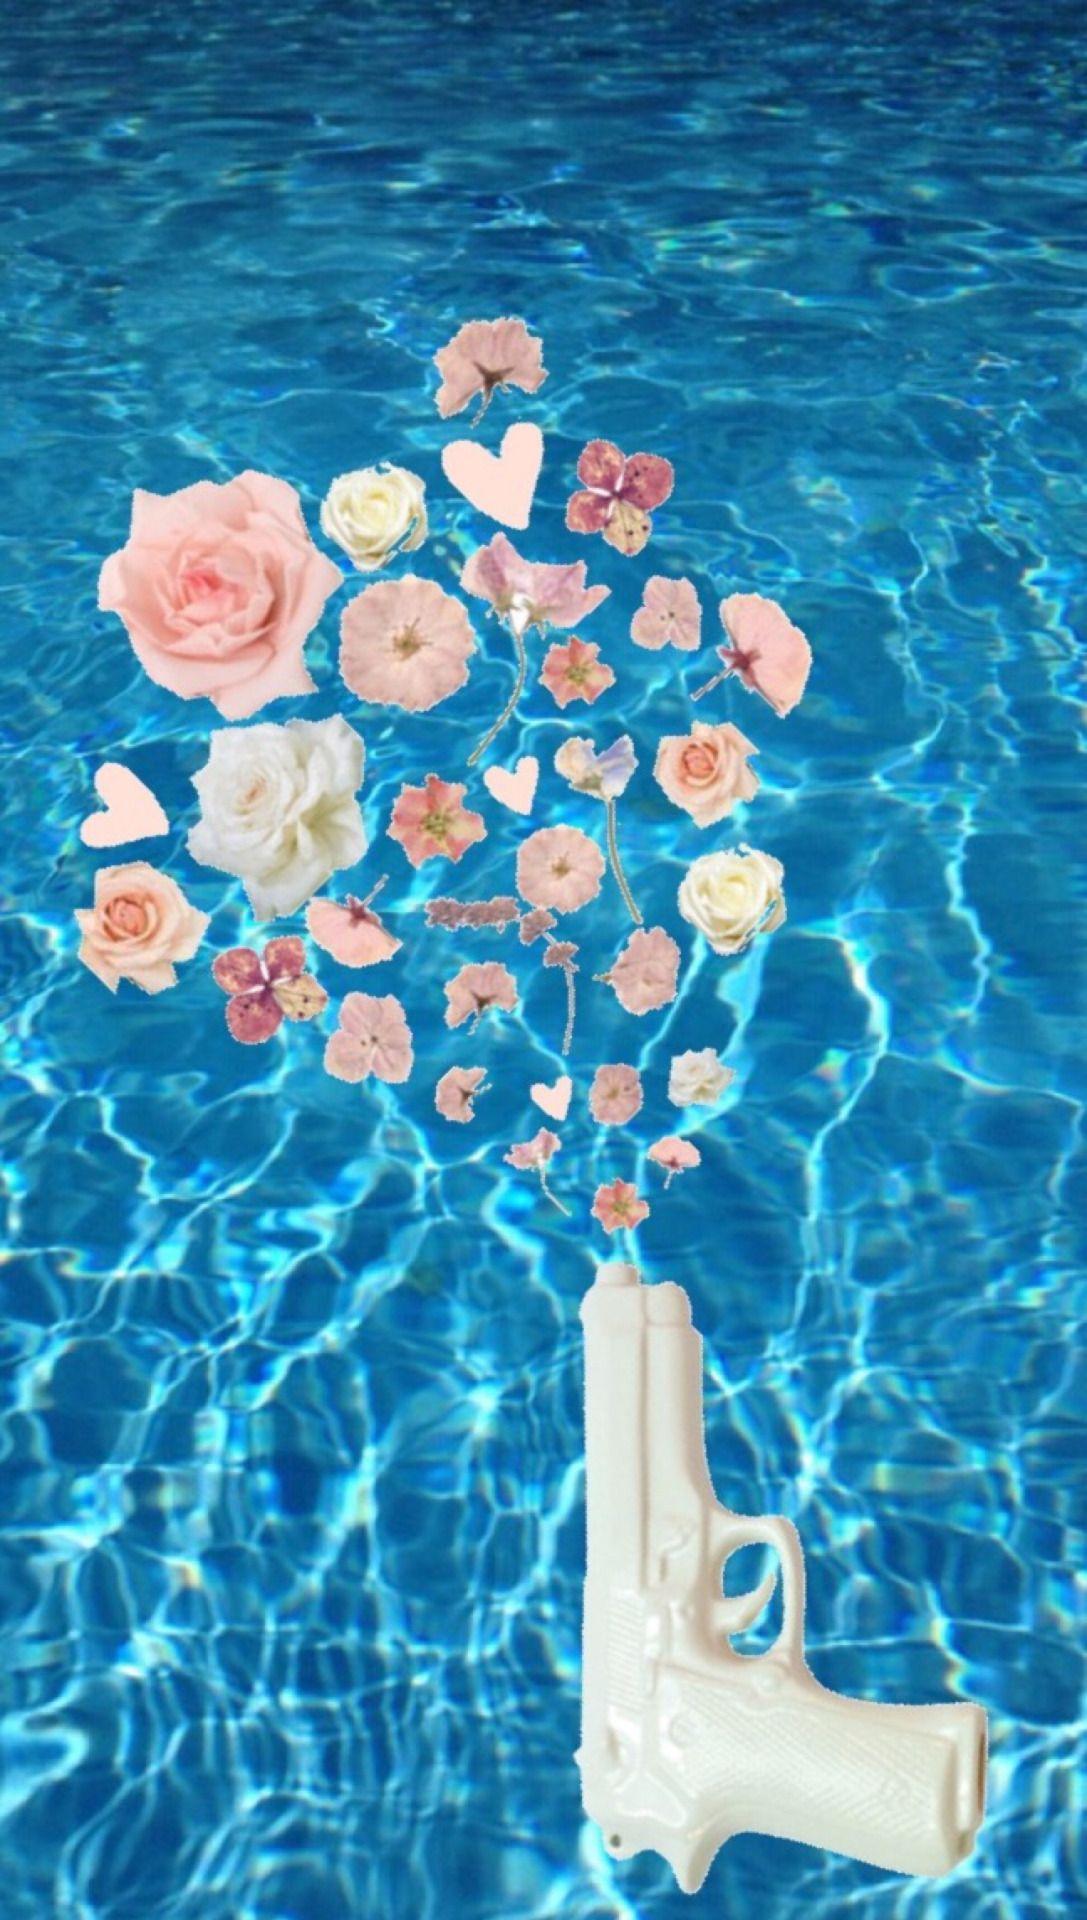 Mermaid iphone wallpaper tumblr - Iphone 6 Wallpaper Tumblr